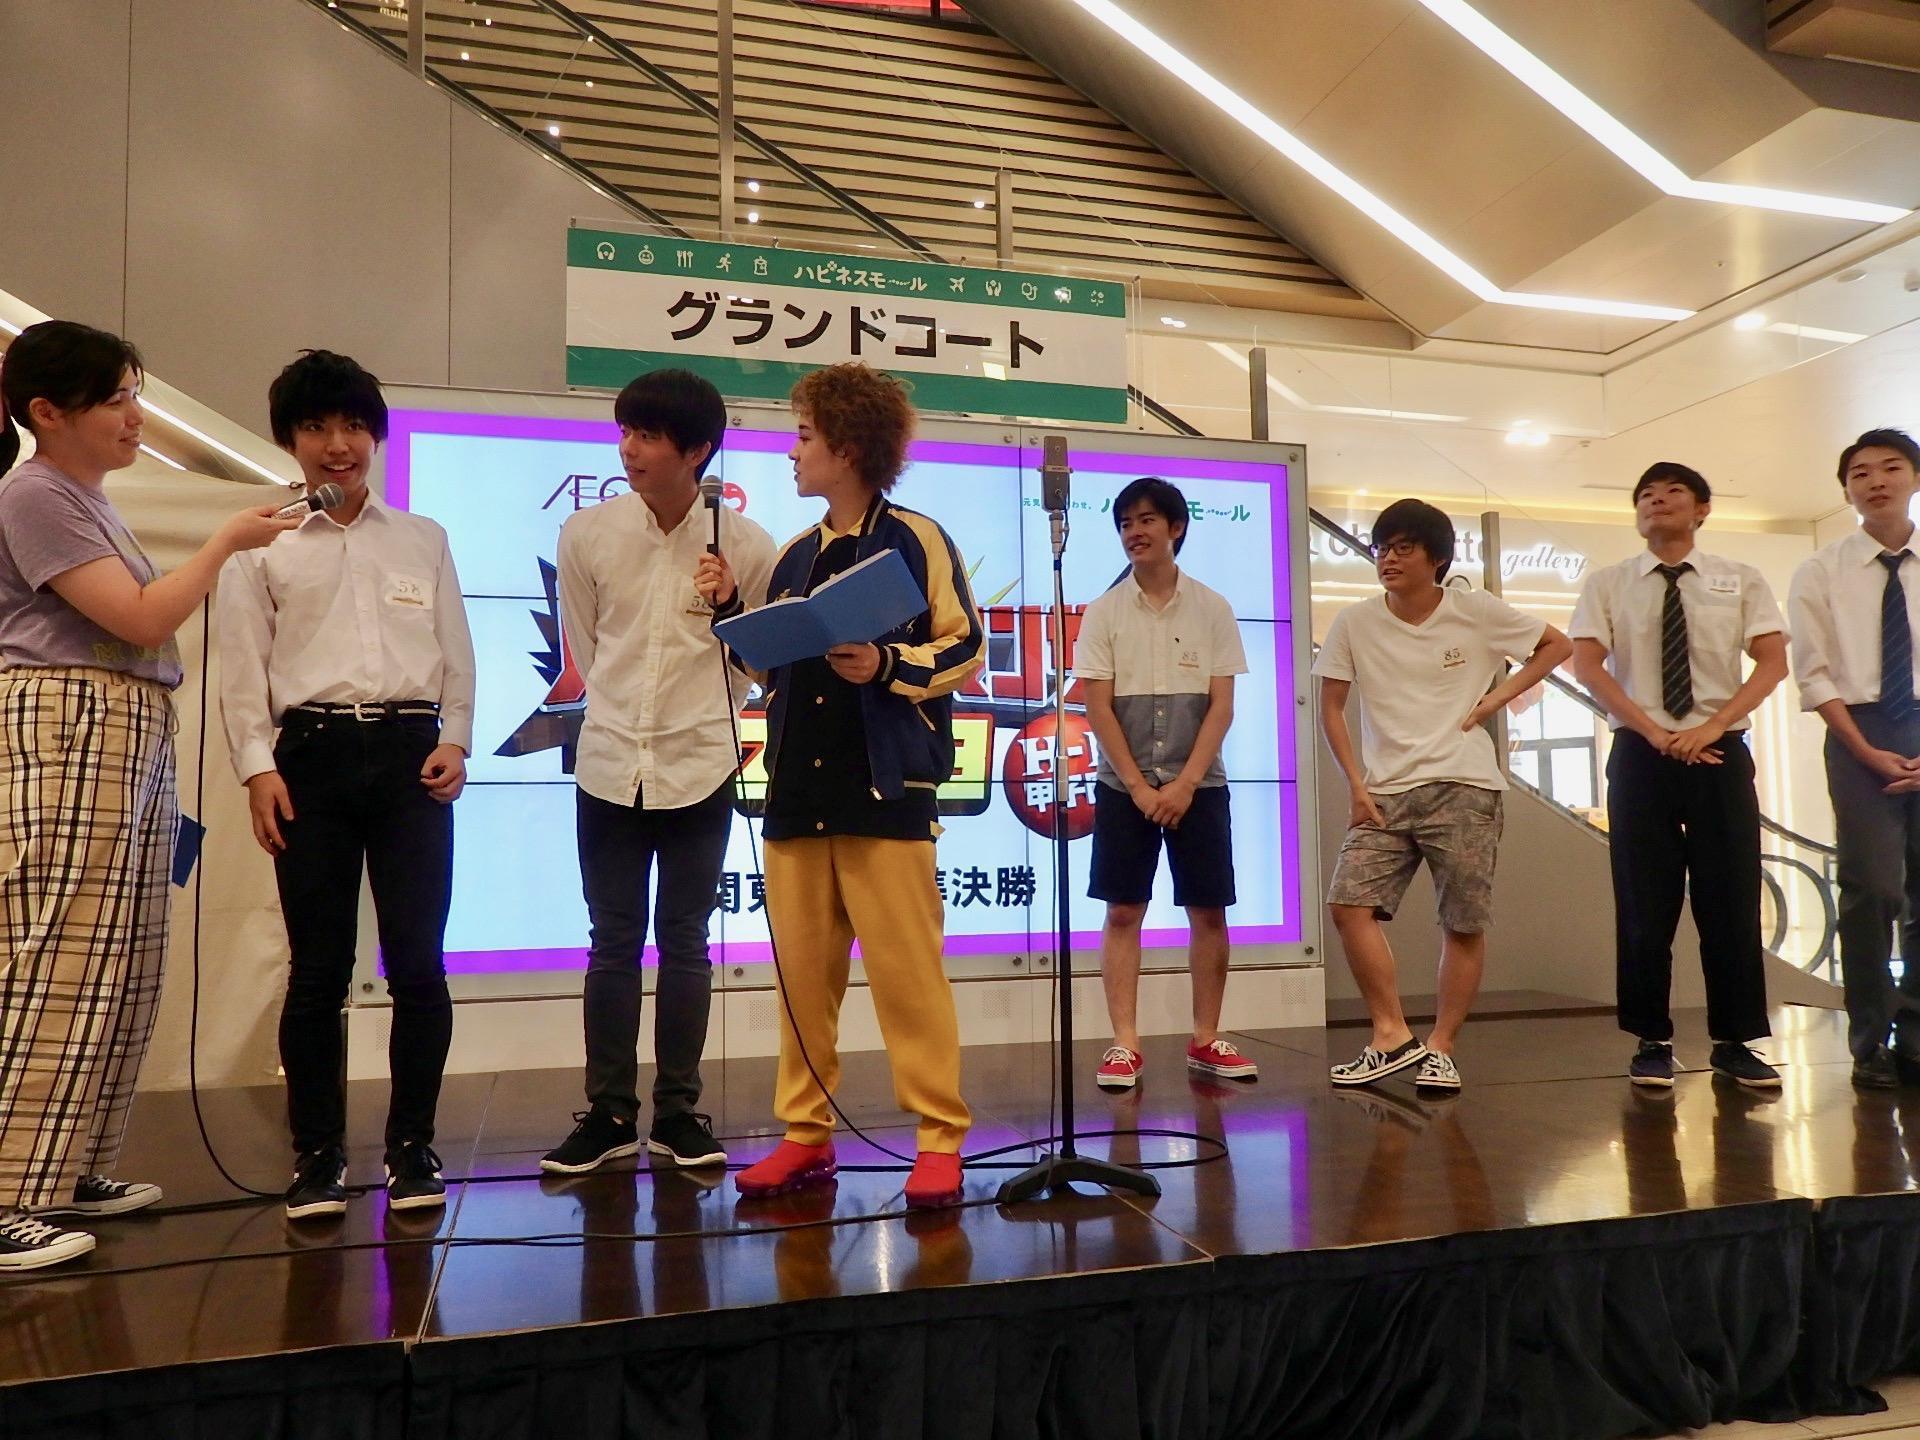 http://news.yoshimoto.co.jp/20180901155123-835fcbe51b251be276fa6763bd629cd6c0841625.jpg